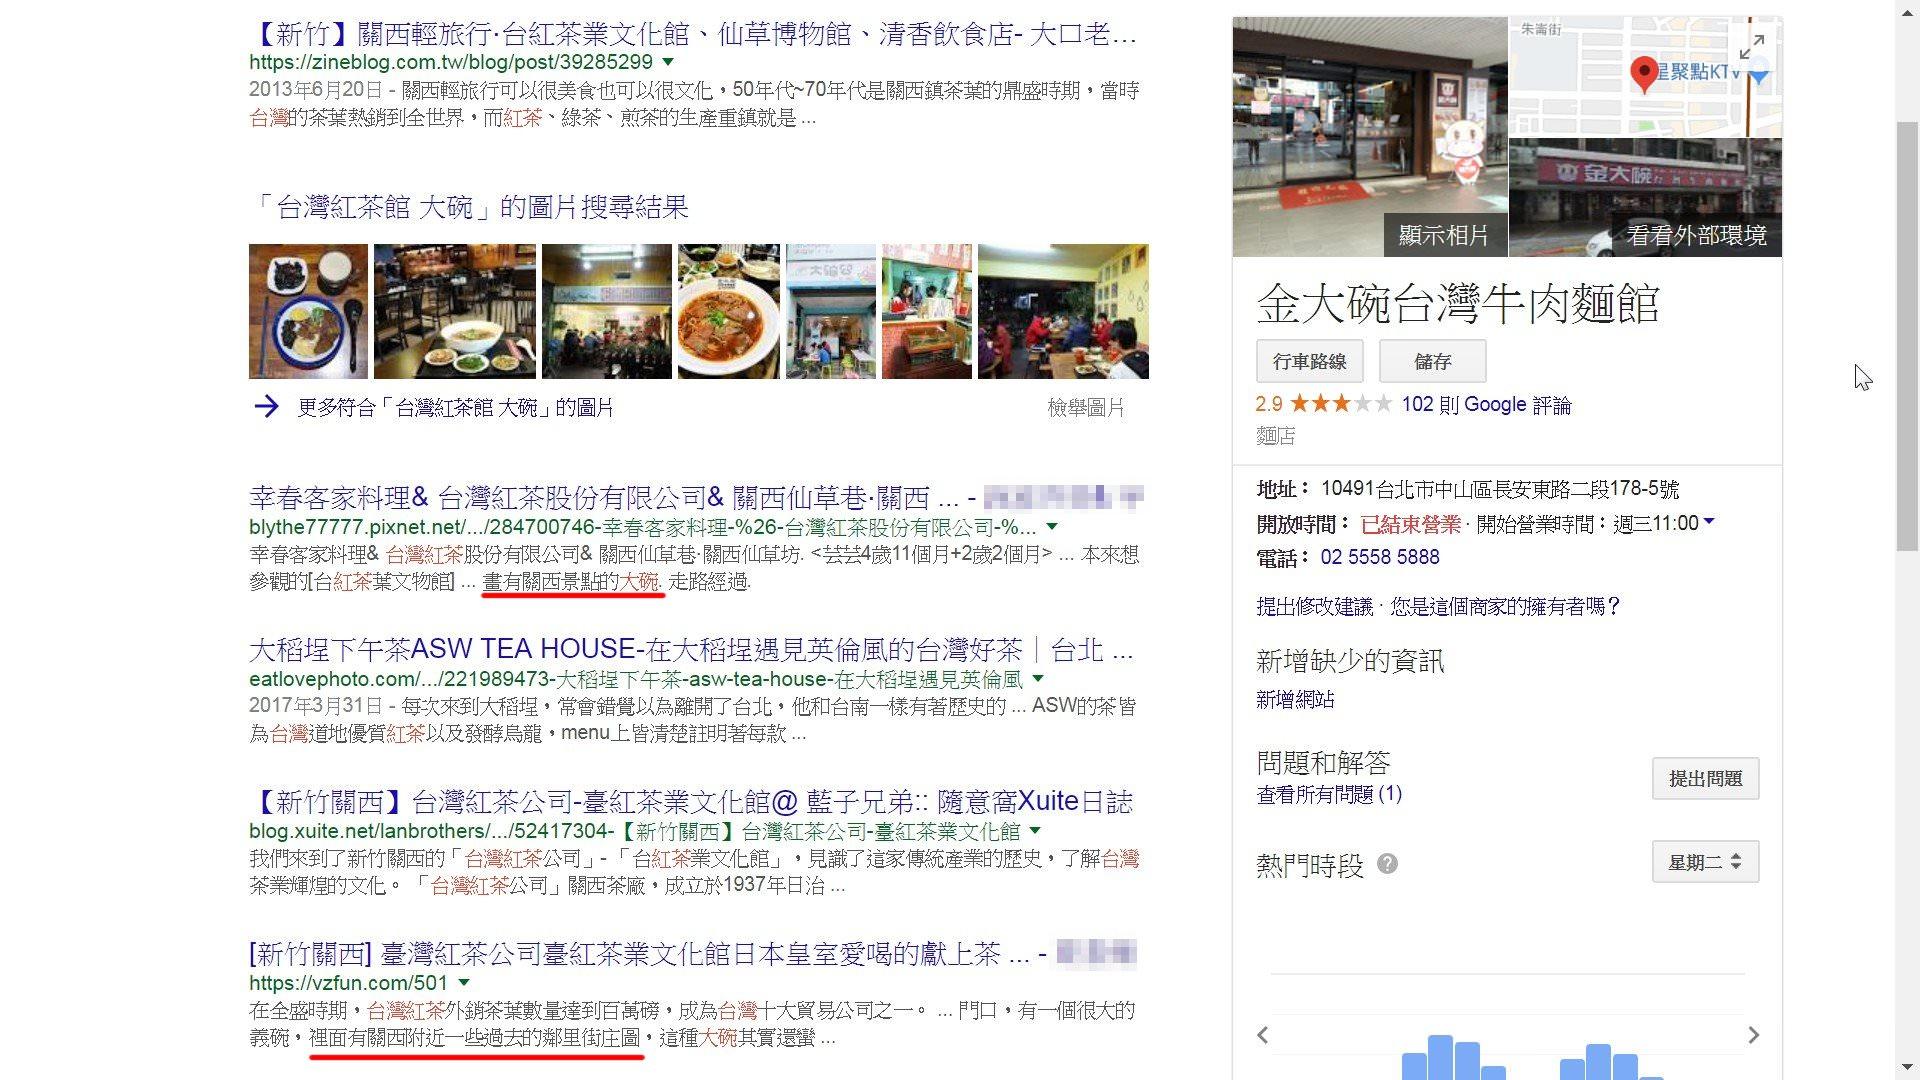 臺紅茶葉文化館, google